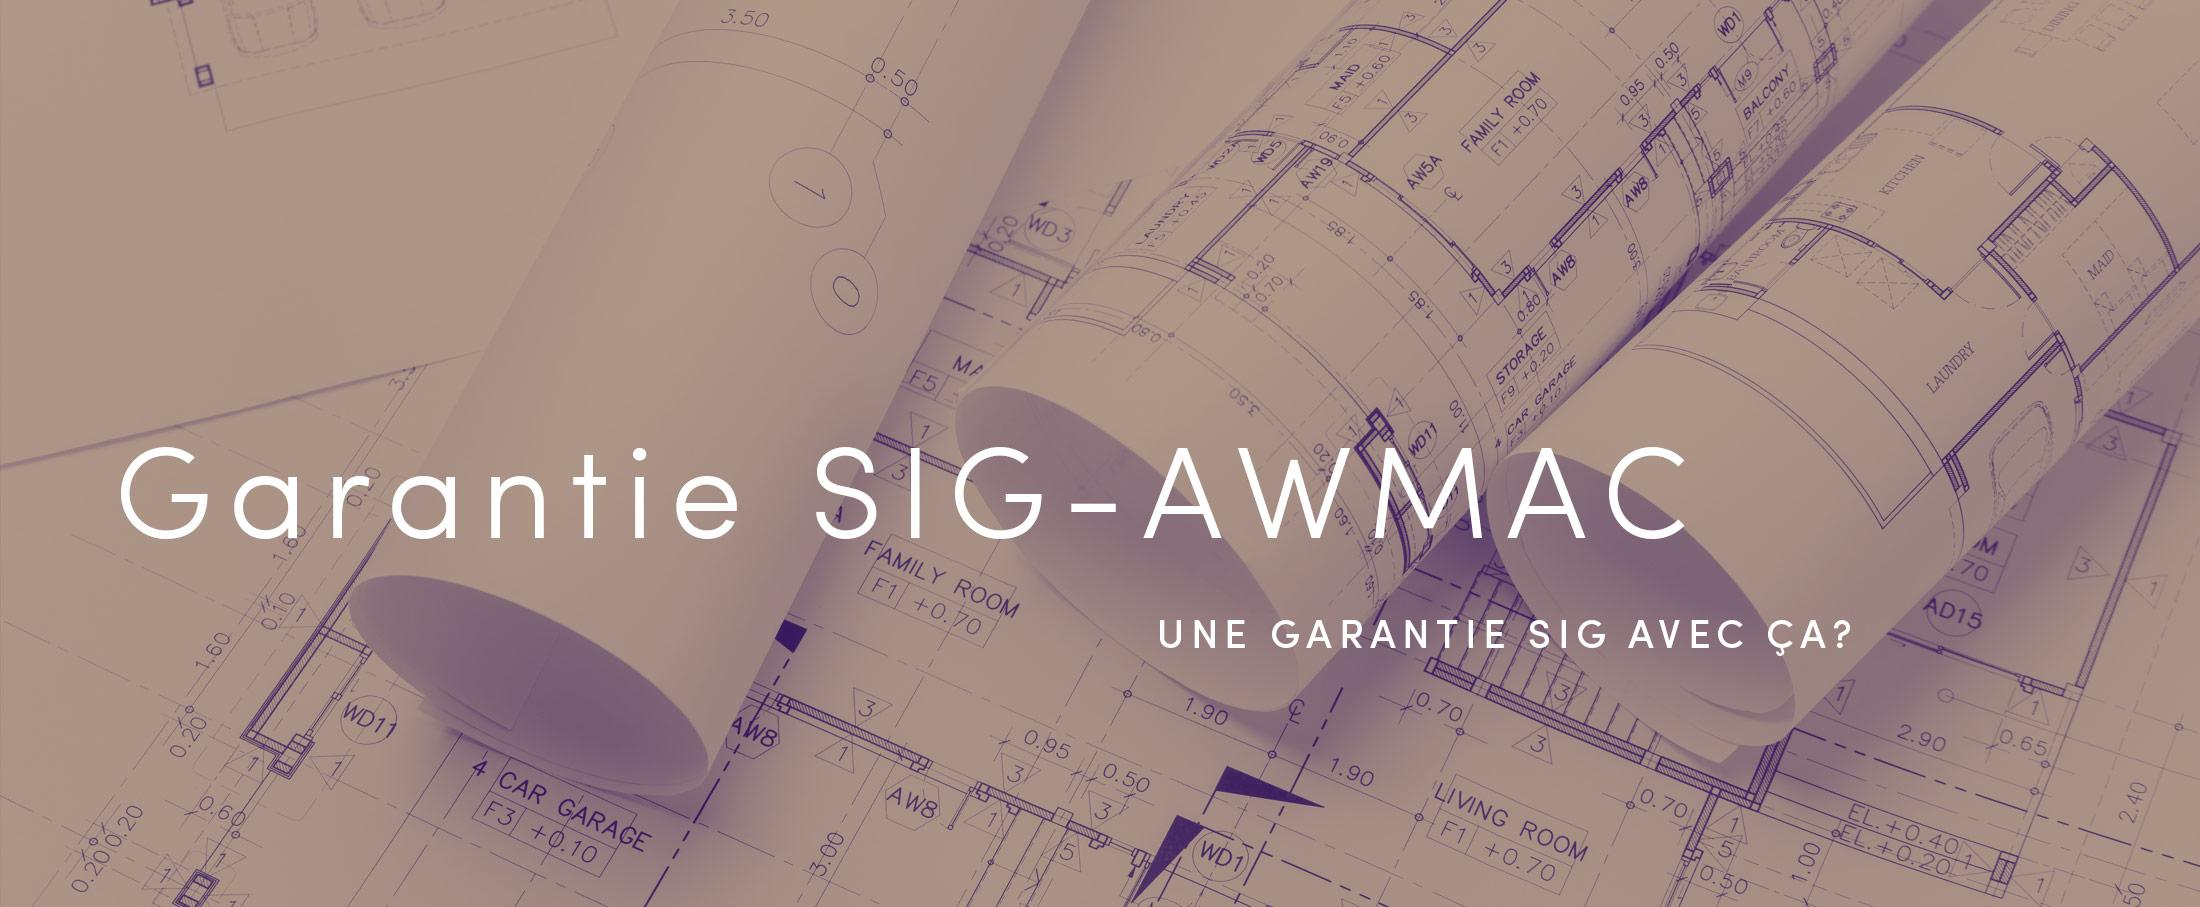 Garantie SIG-AWMAC